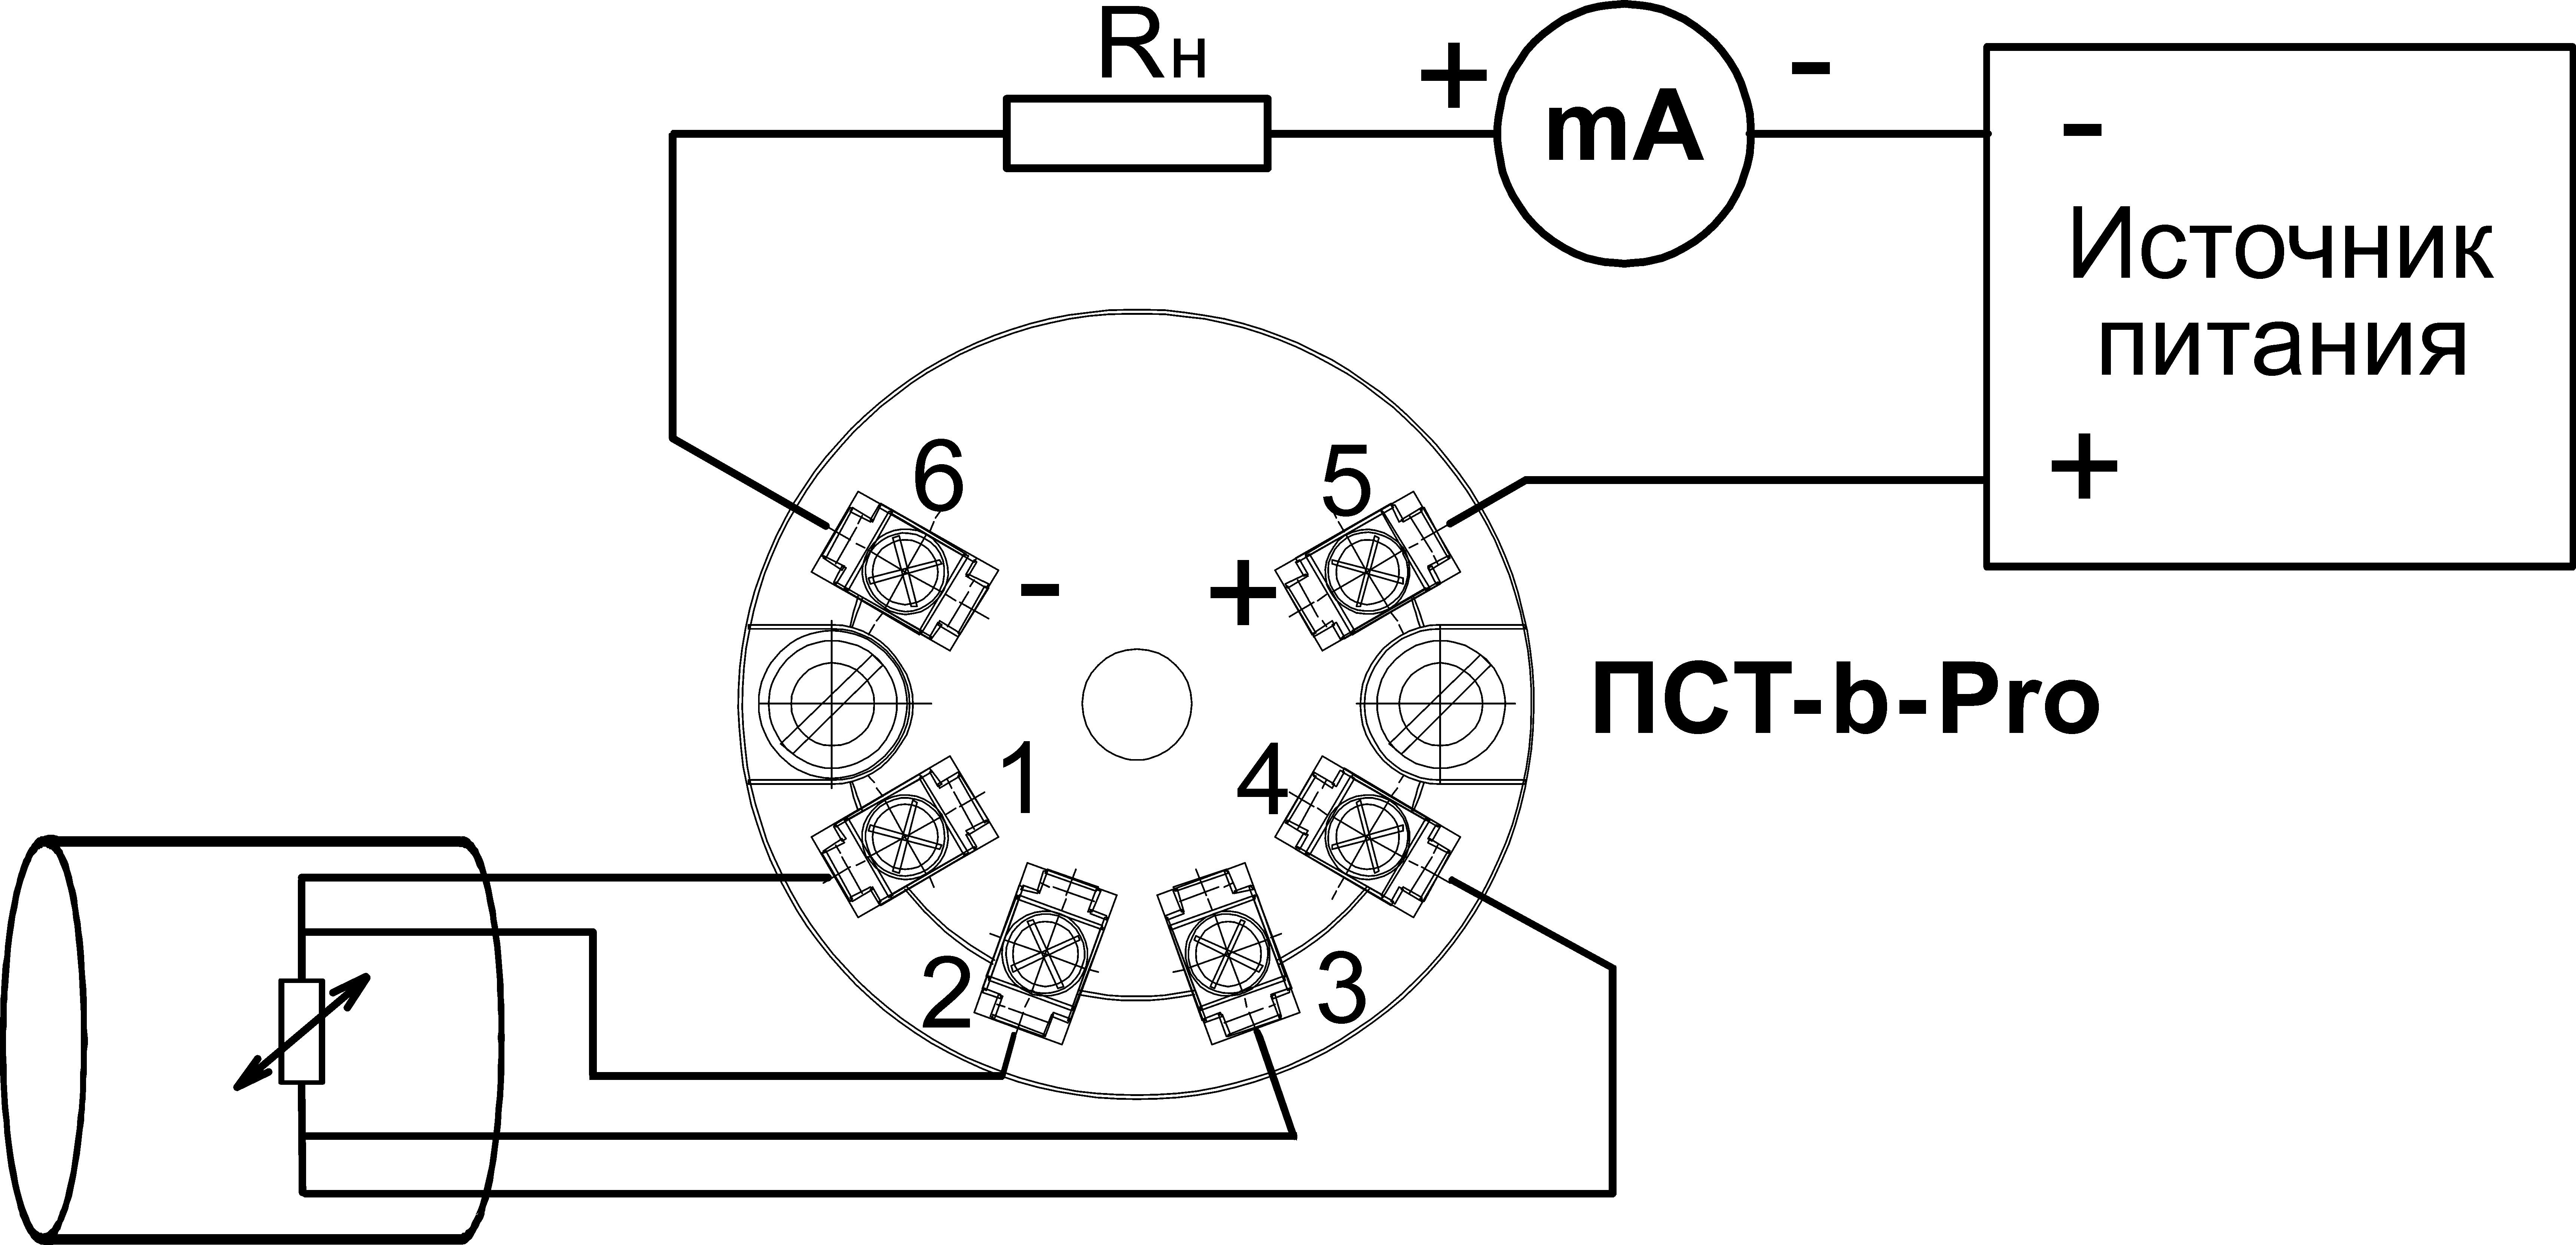 4-х проводная схема